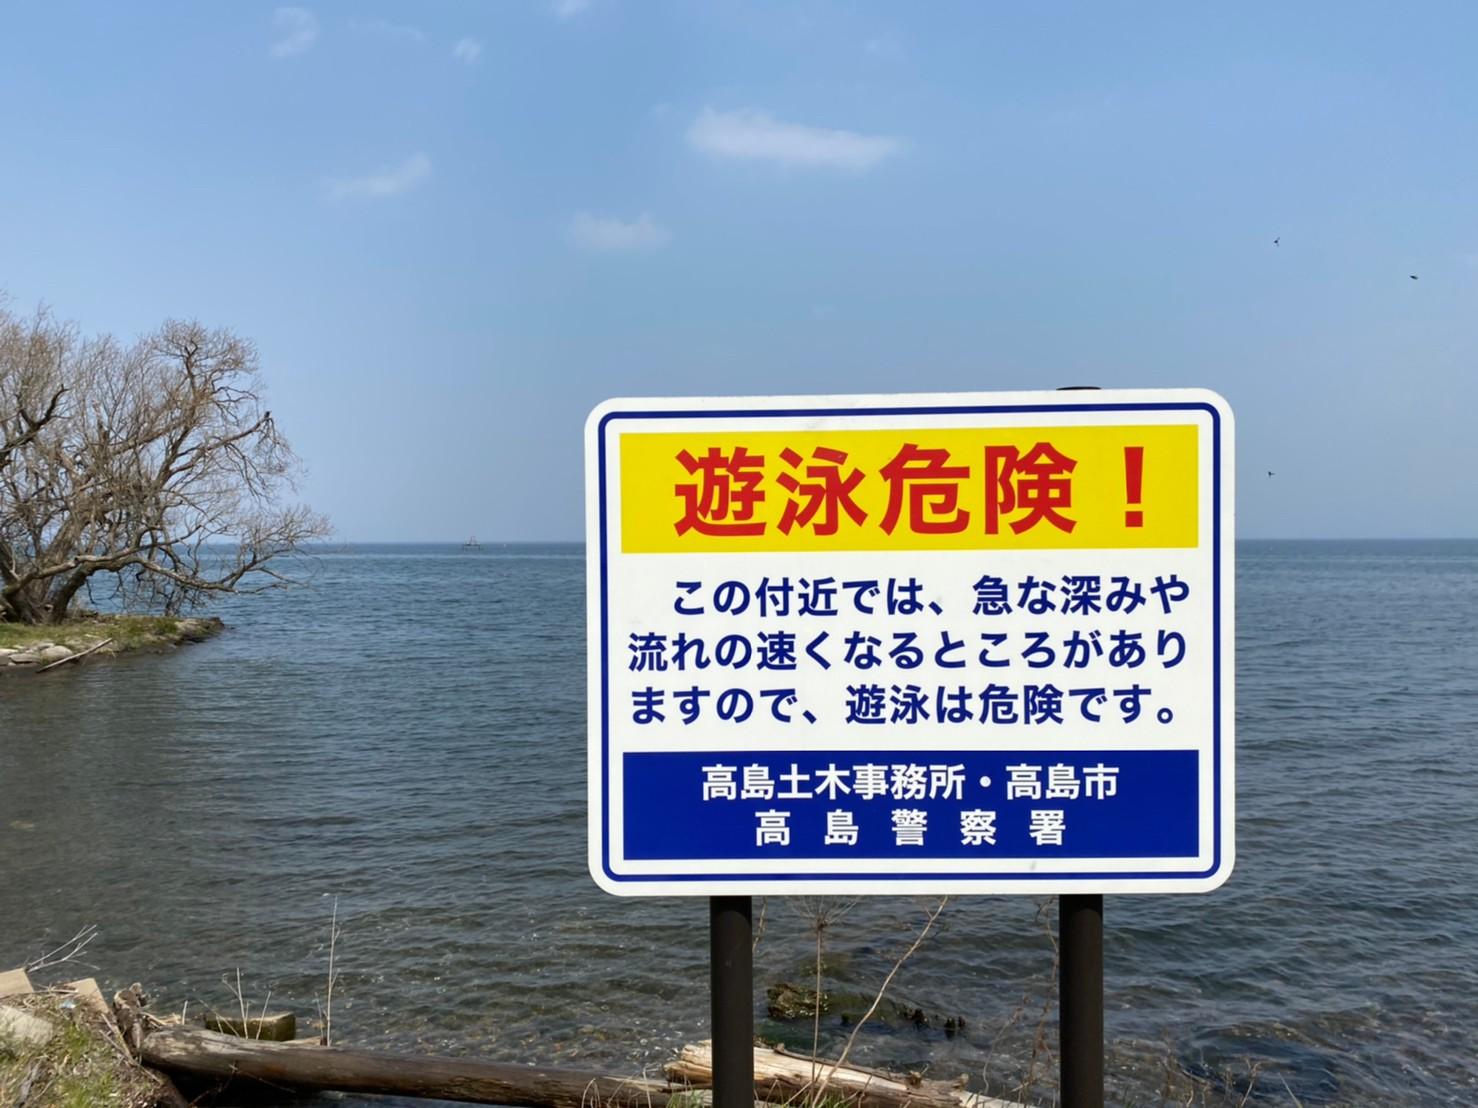 【高島市】『安曇川浜園地』のアウトドア情報(駐車場・トイレ)